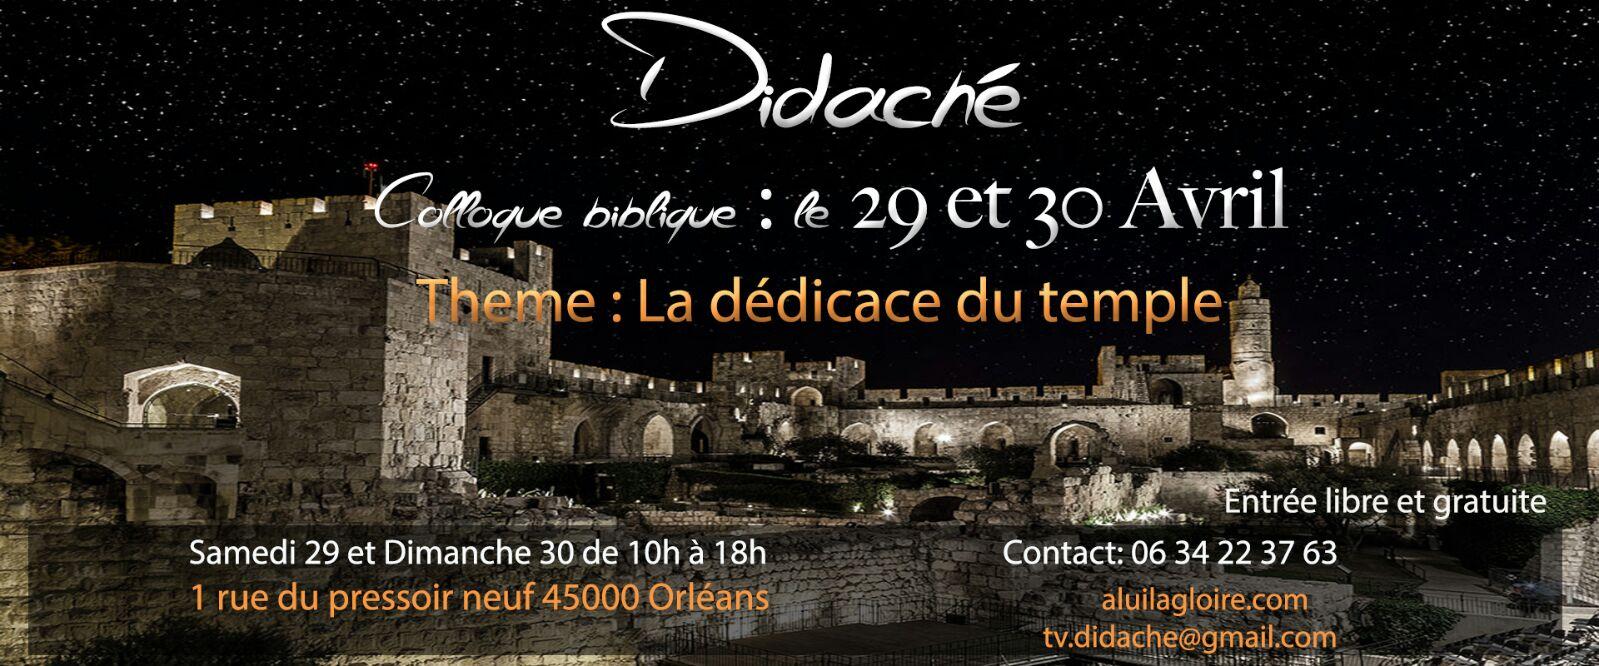 Colloque Didachè à Orléans le 29 et 30 Avril